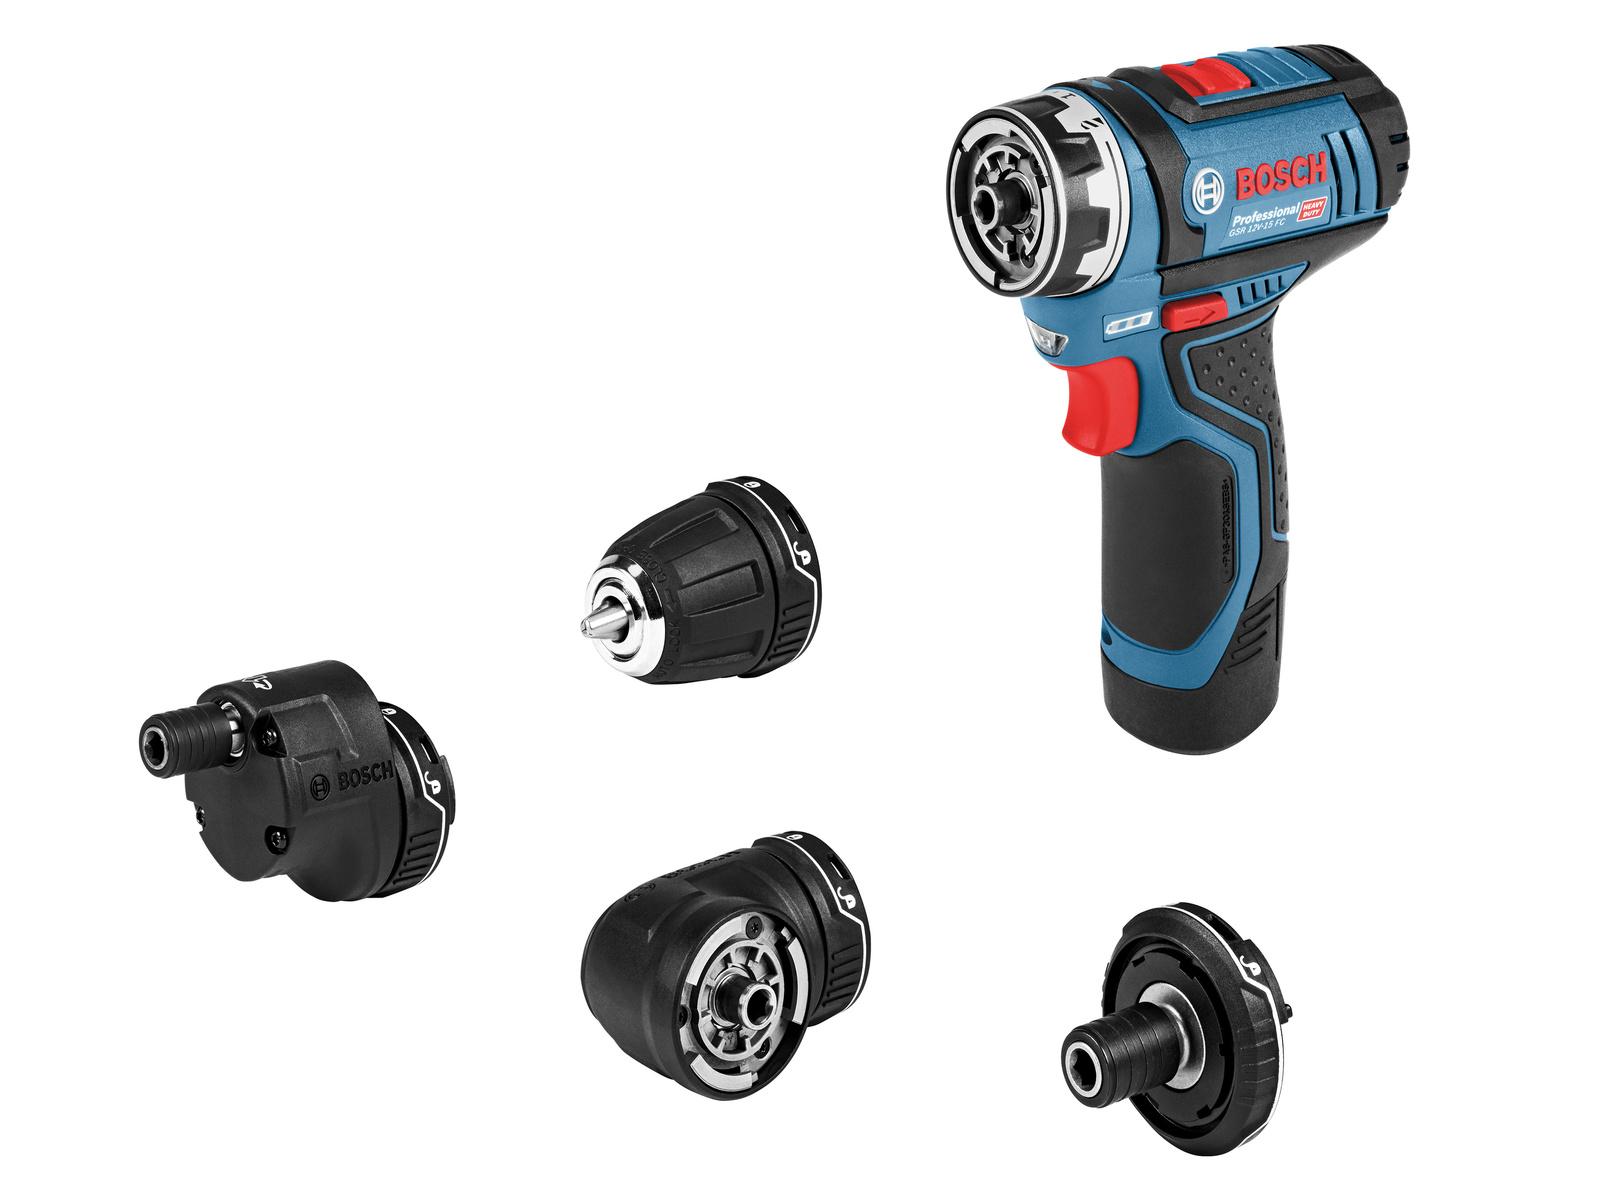 5-in-1-Akku-Bohrschrauber-System für Profis: Bosch FlexiClick jetzt mit 12 Volt